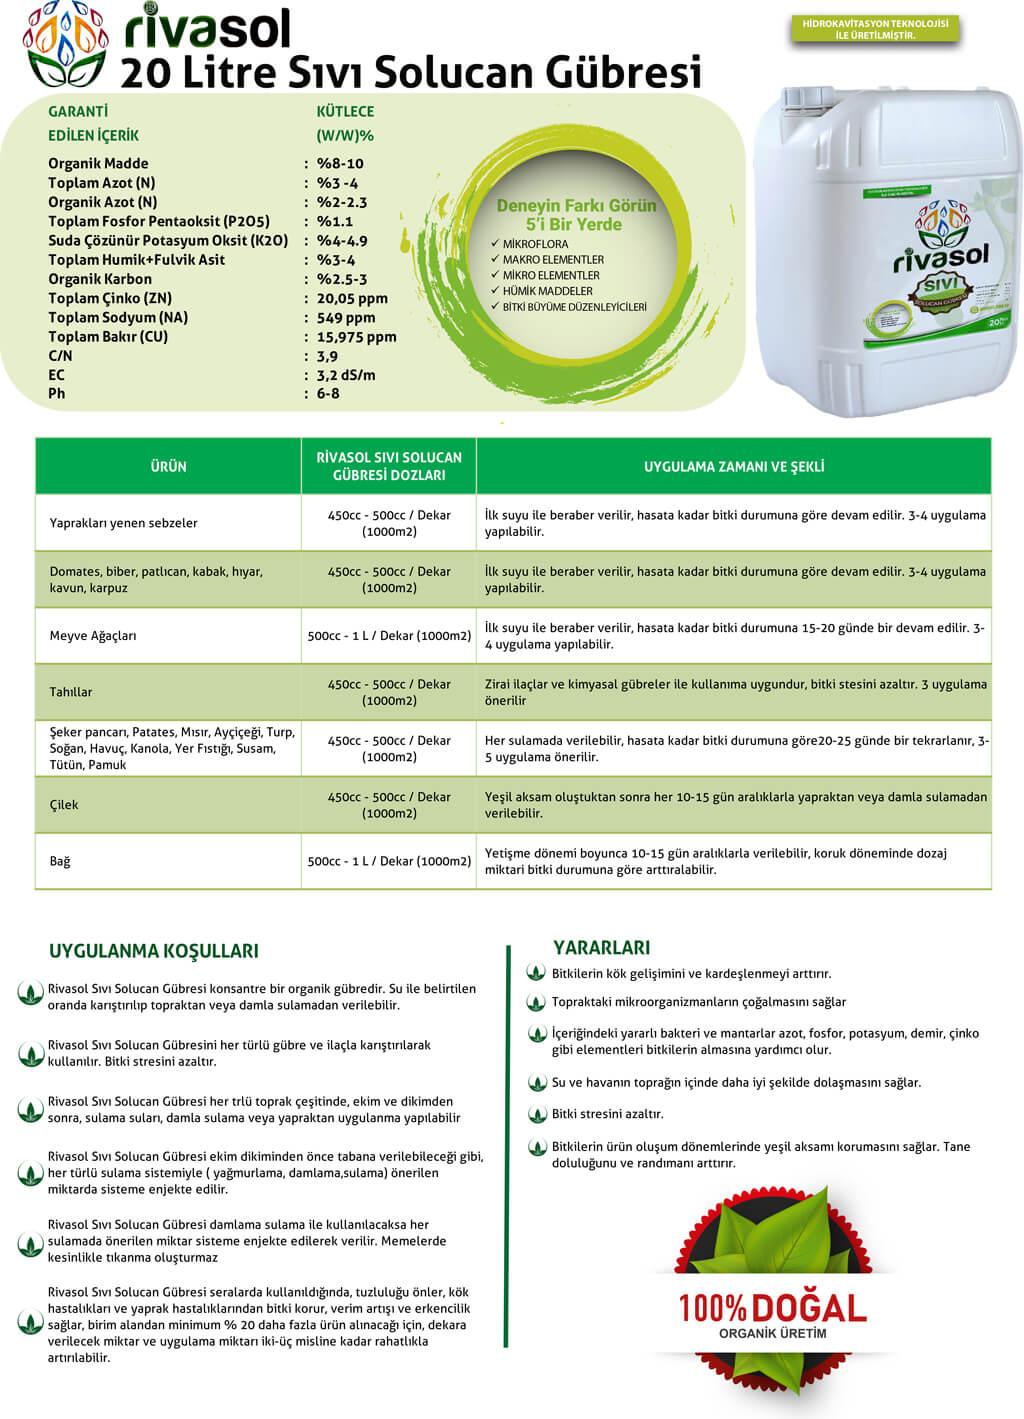 20 litre sıvı solucan gübresi içerik ve kullanım miktarları nedir?